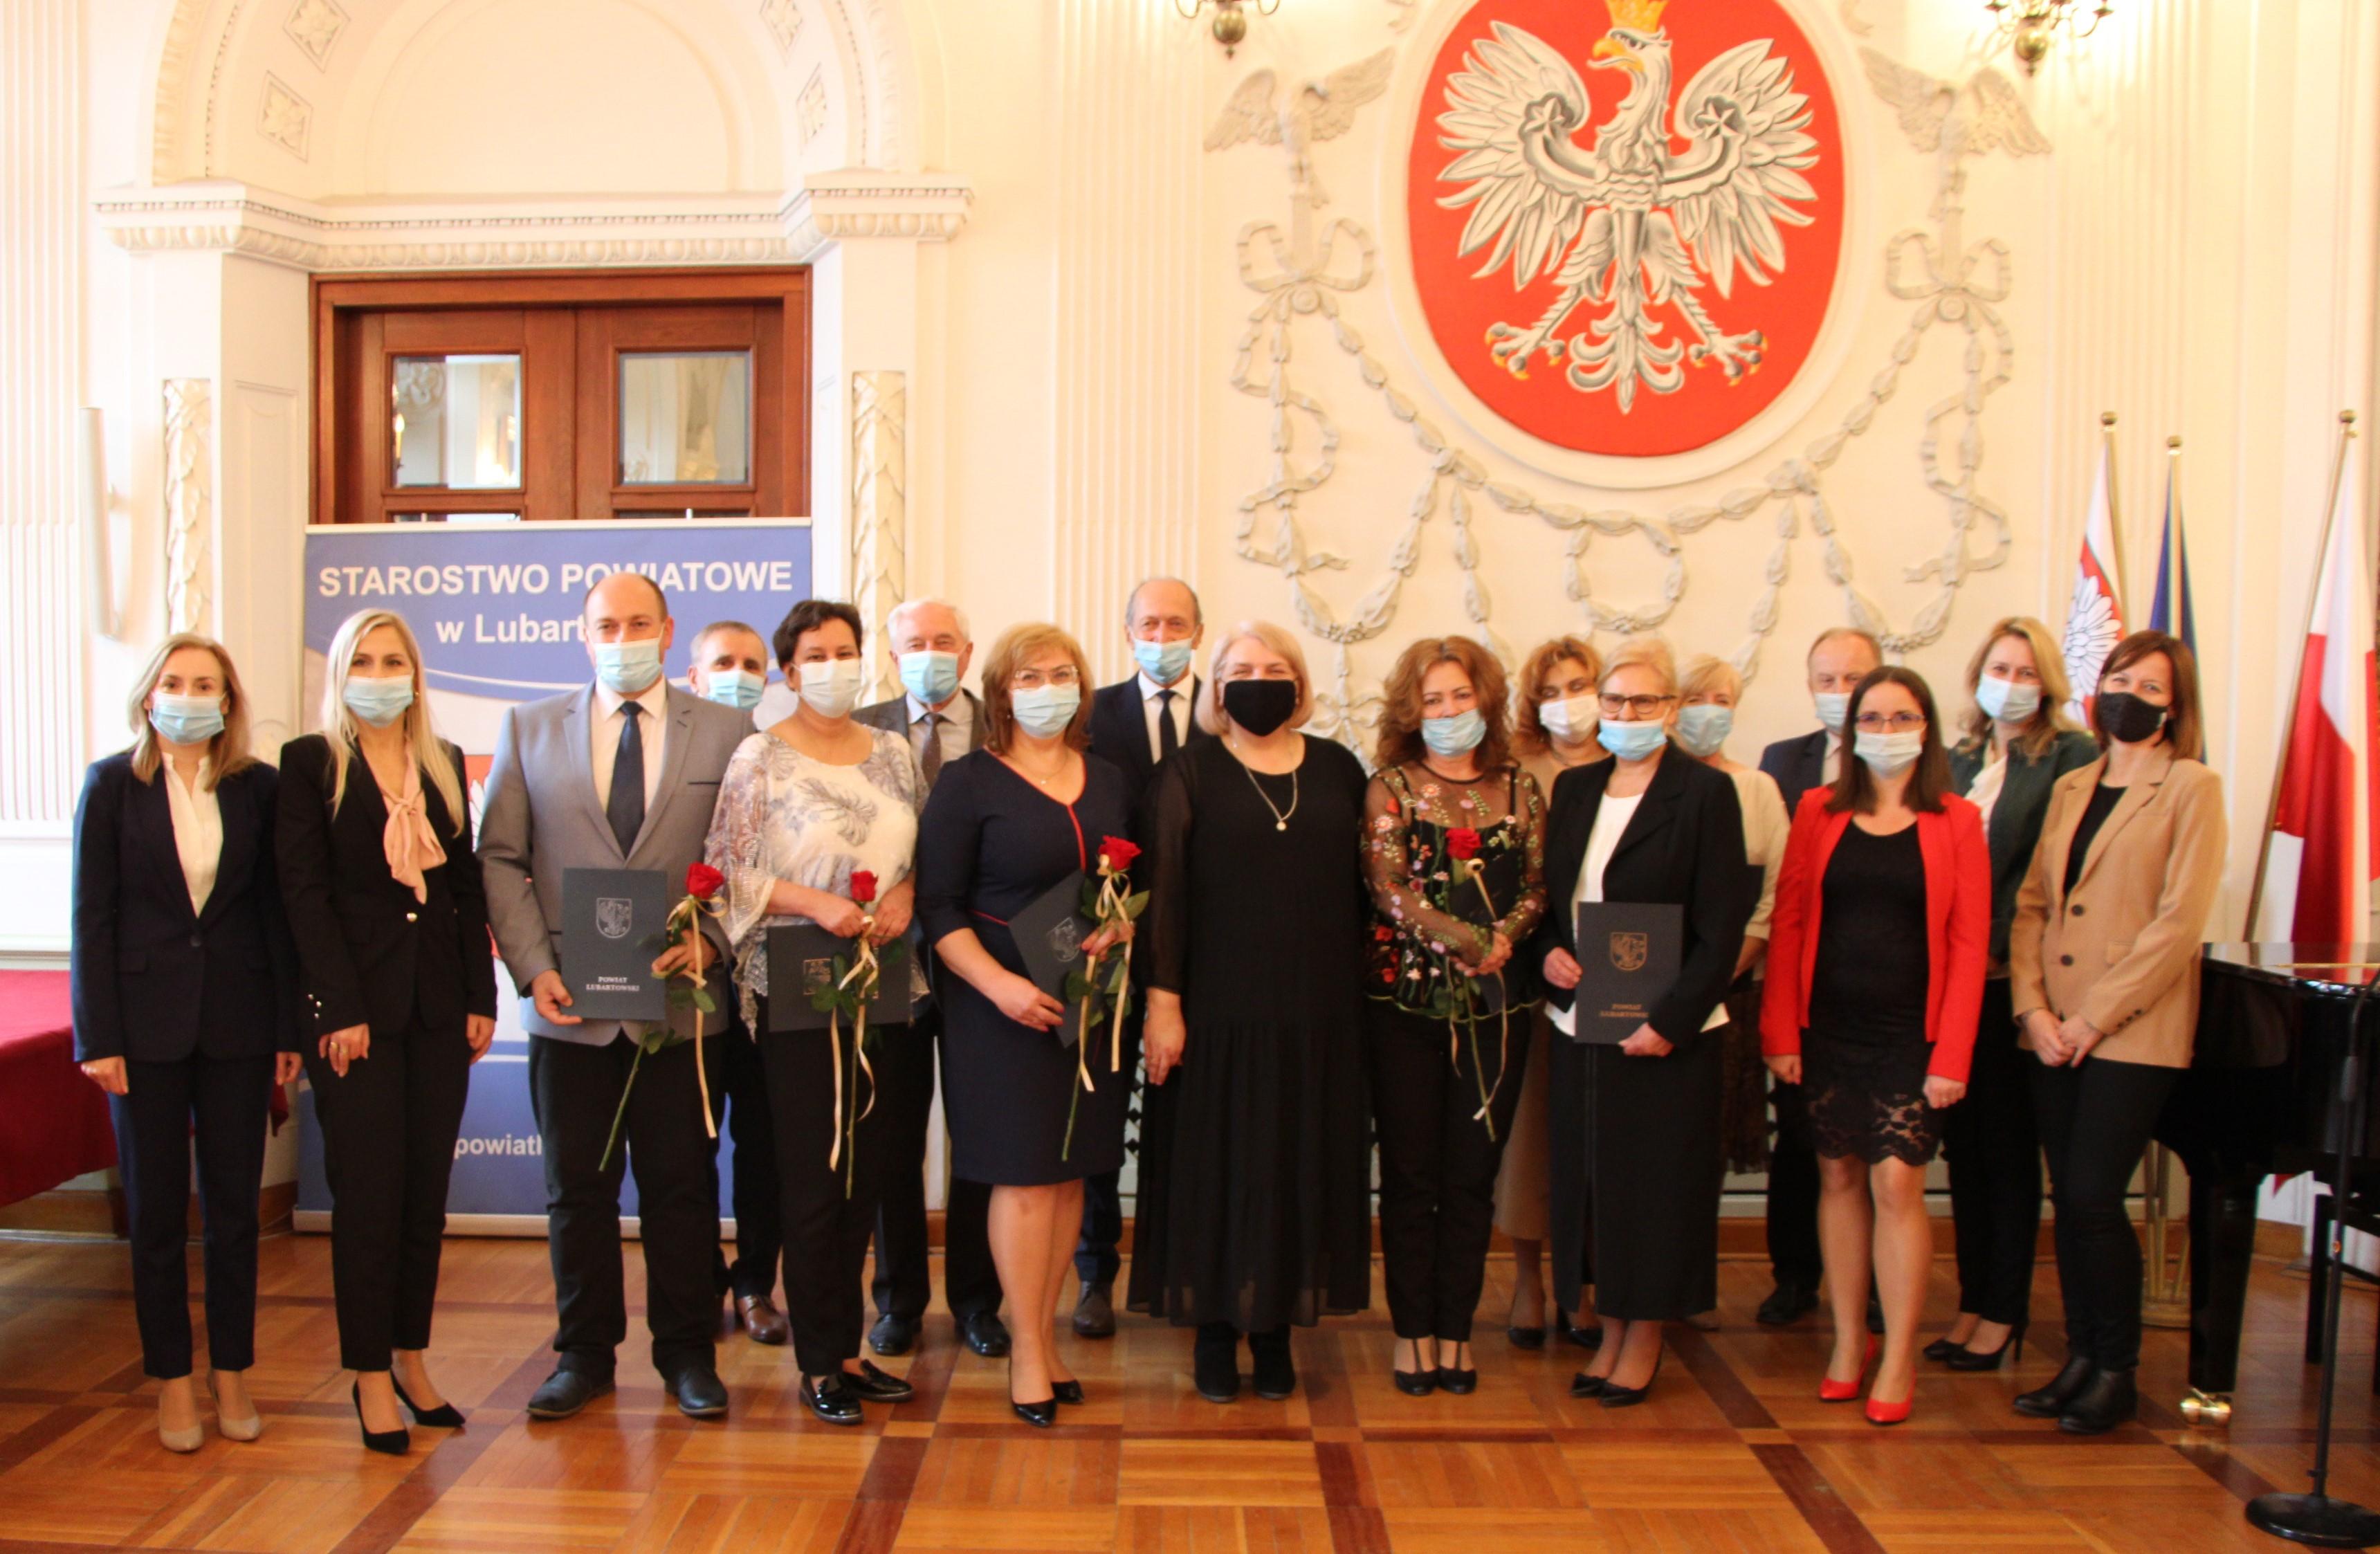 W starostwie w Lubartowie nagrodzono nauczycieli - Zdjęcie główne